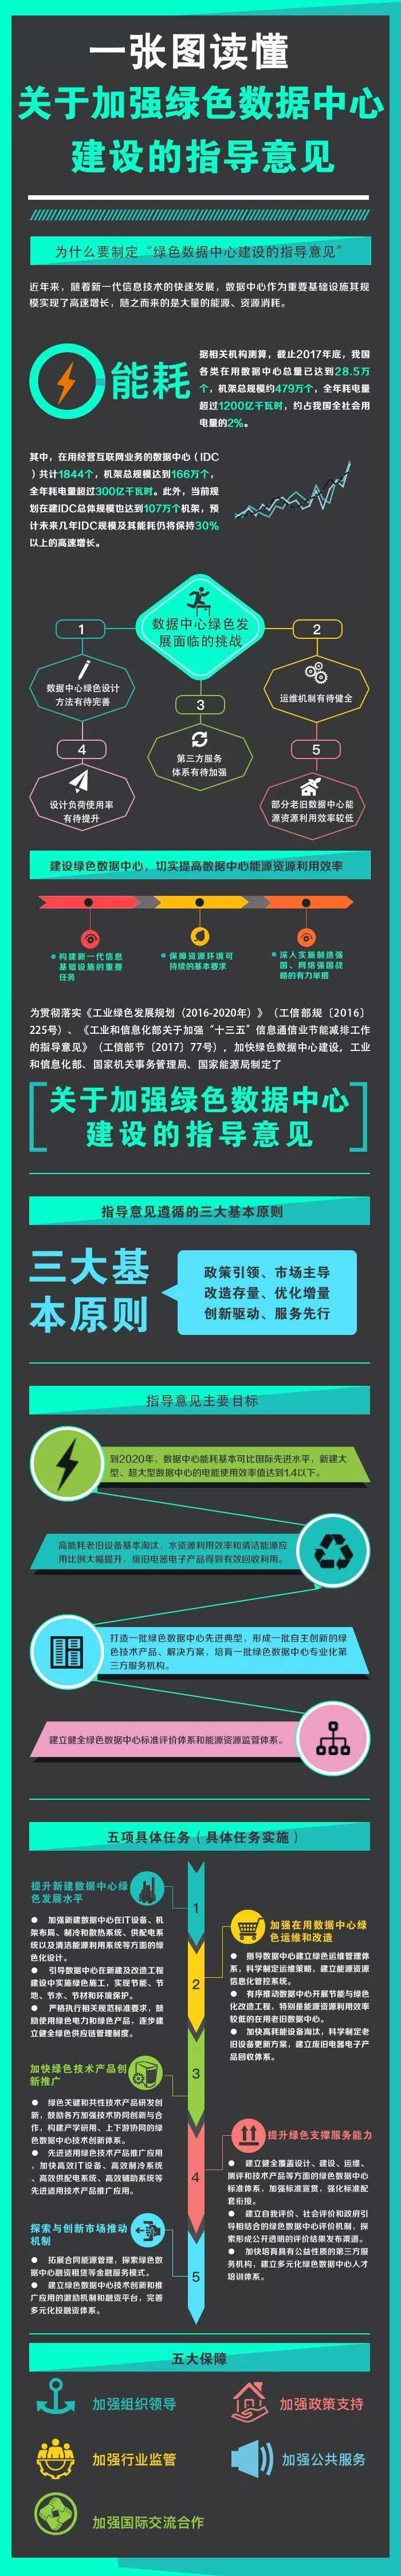 一图读懂《关于加强绿色数据中心建设的指导意见》